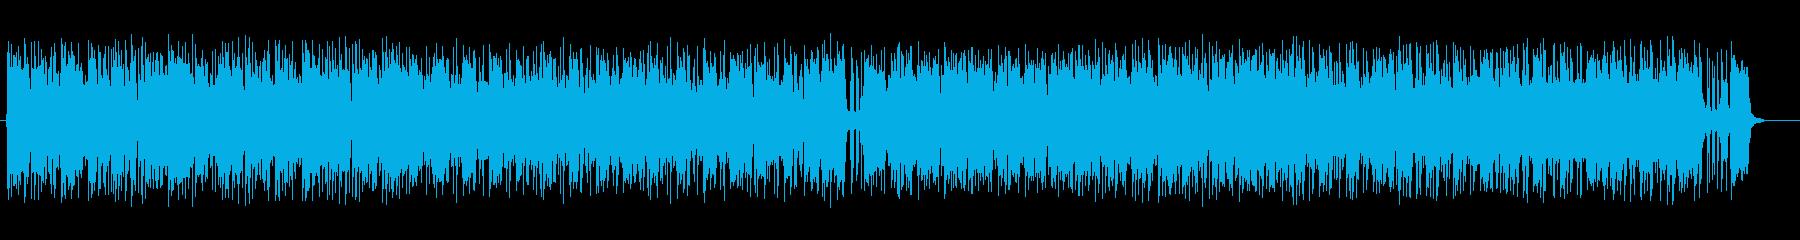 明るく涼しげなシンセサイザーサウンドの再生済みの波形